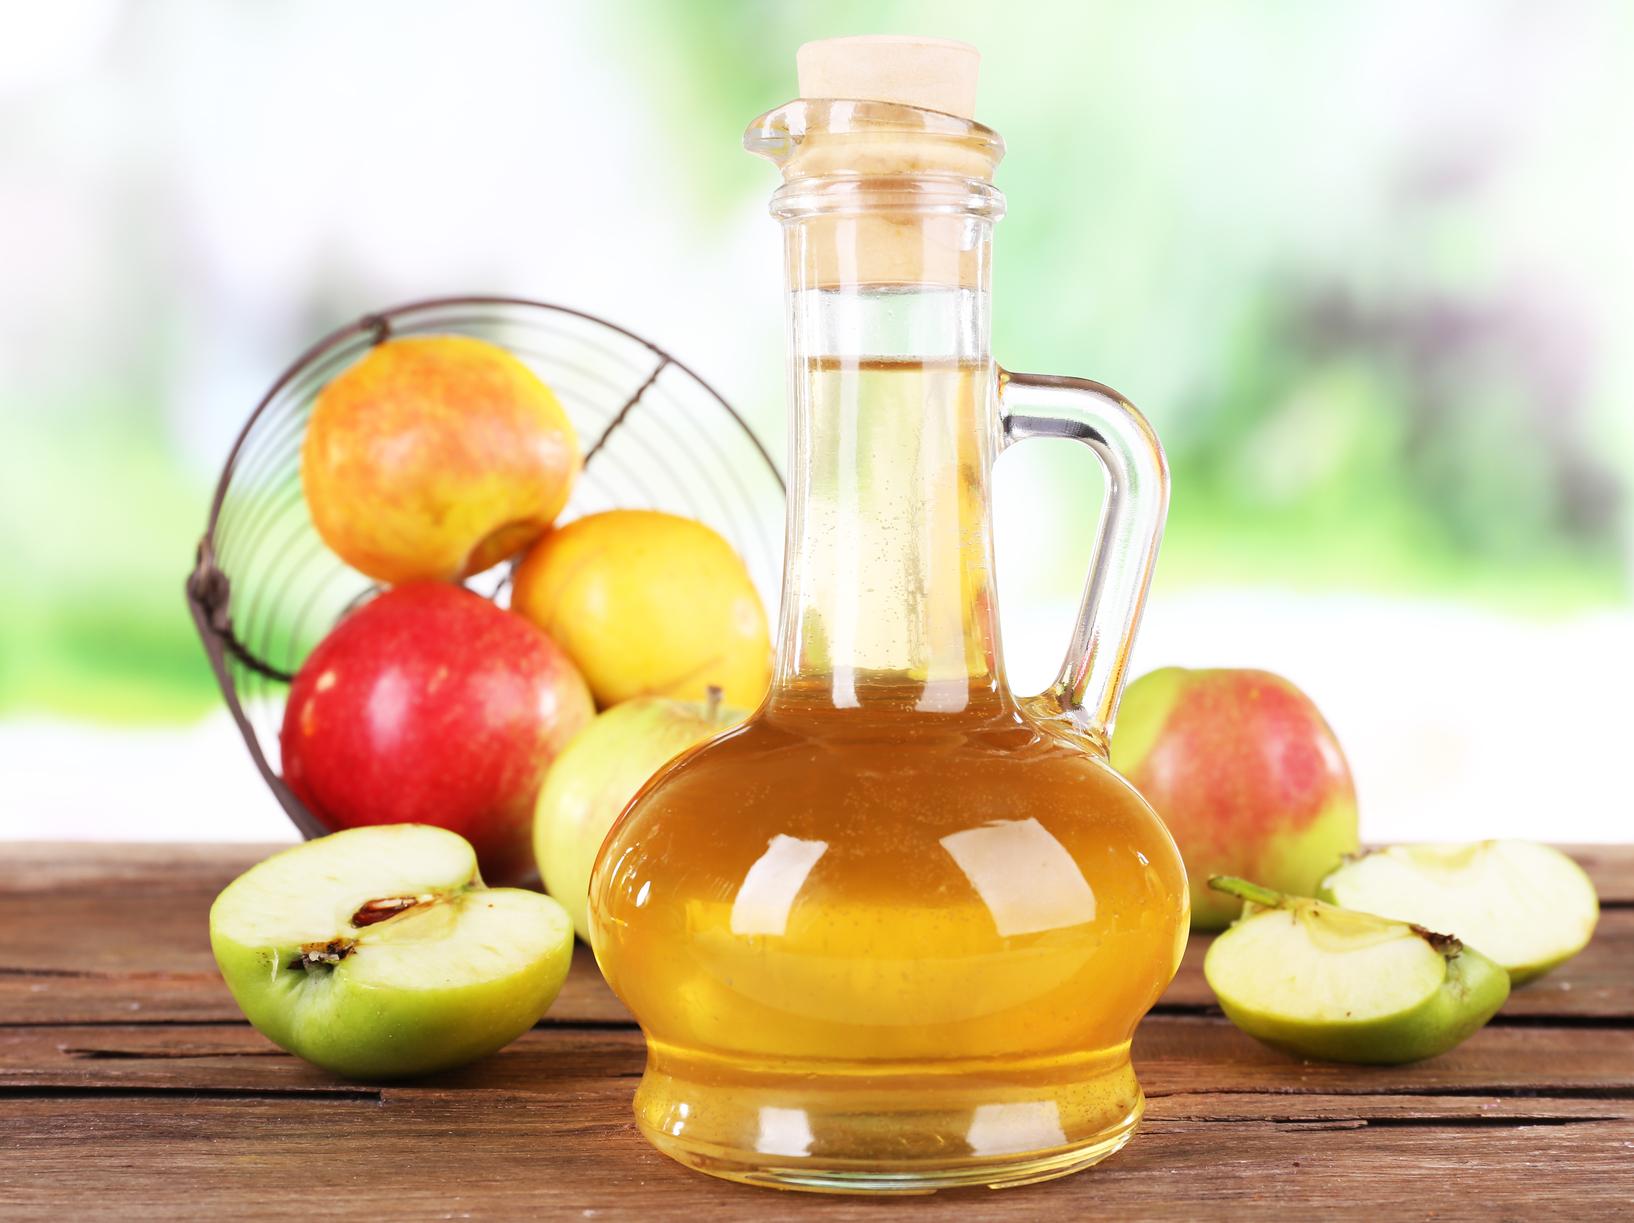 Уксус из яблочного сидра